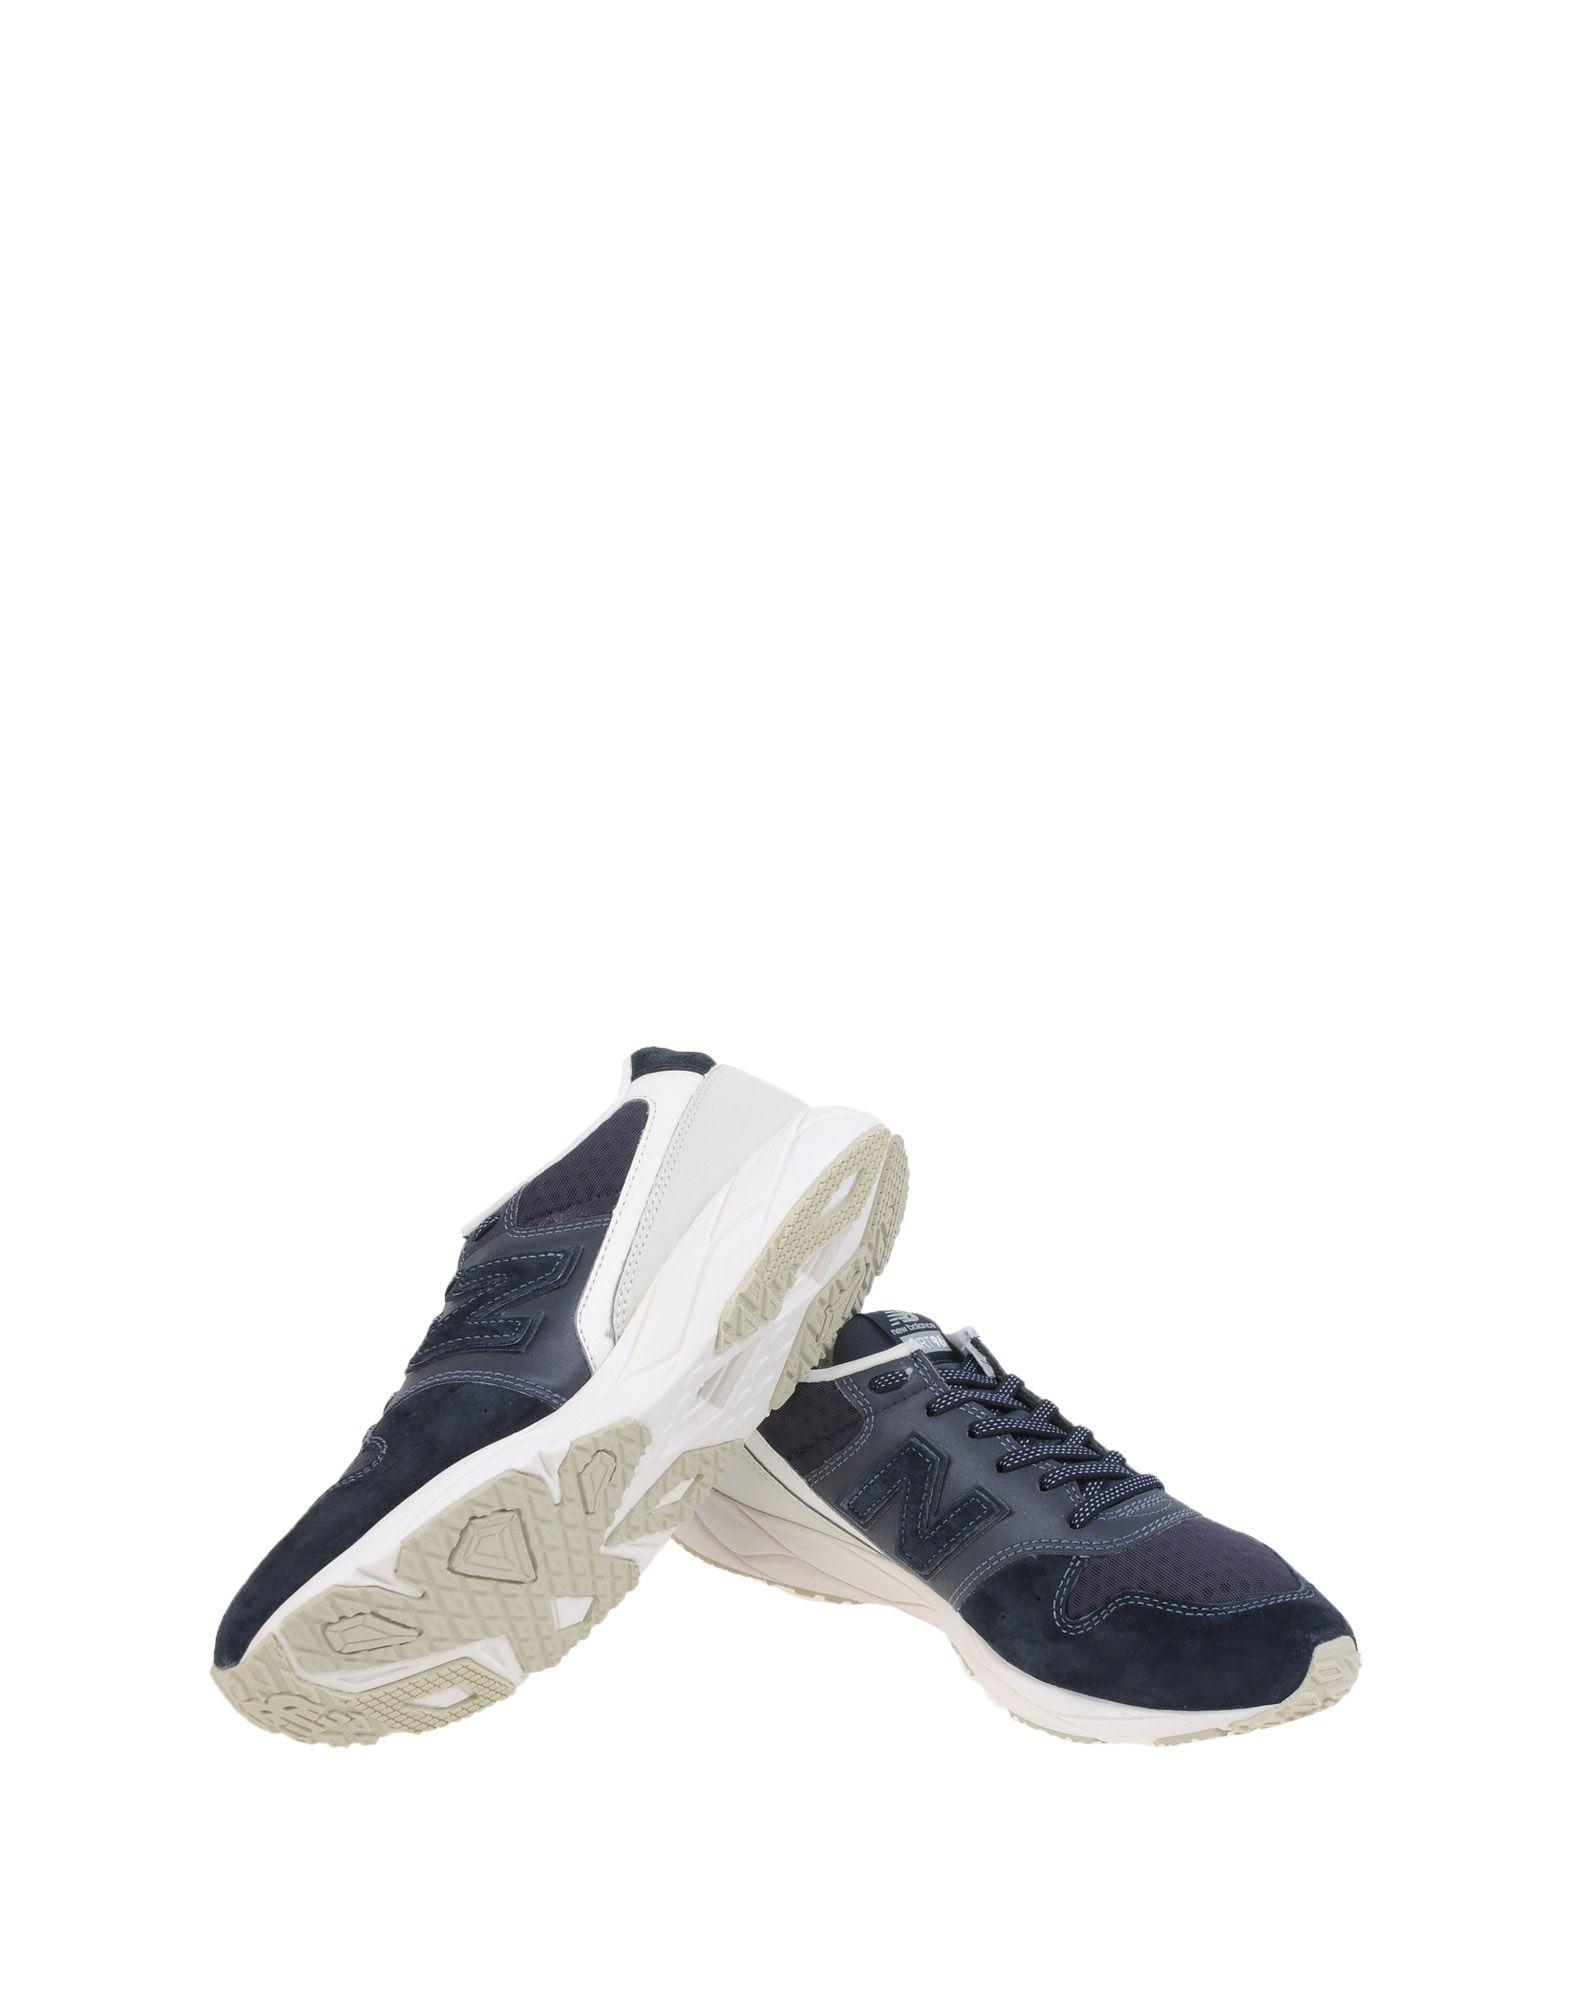 New 11103969BJ Balance 96 Womens Sophisticated  11103969BJ New Gute Qualität beliebte Schuhe 8b8de6